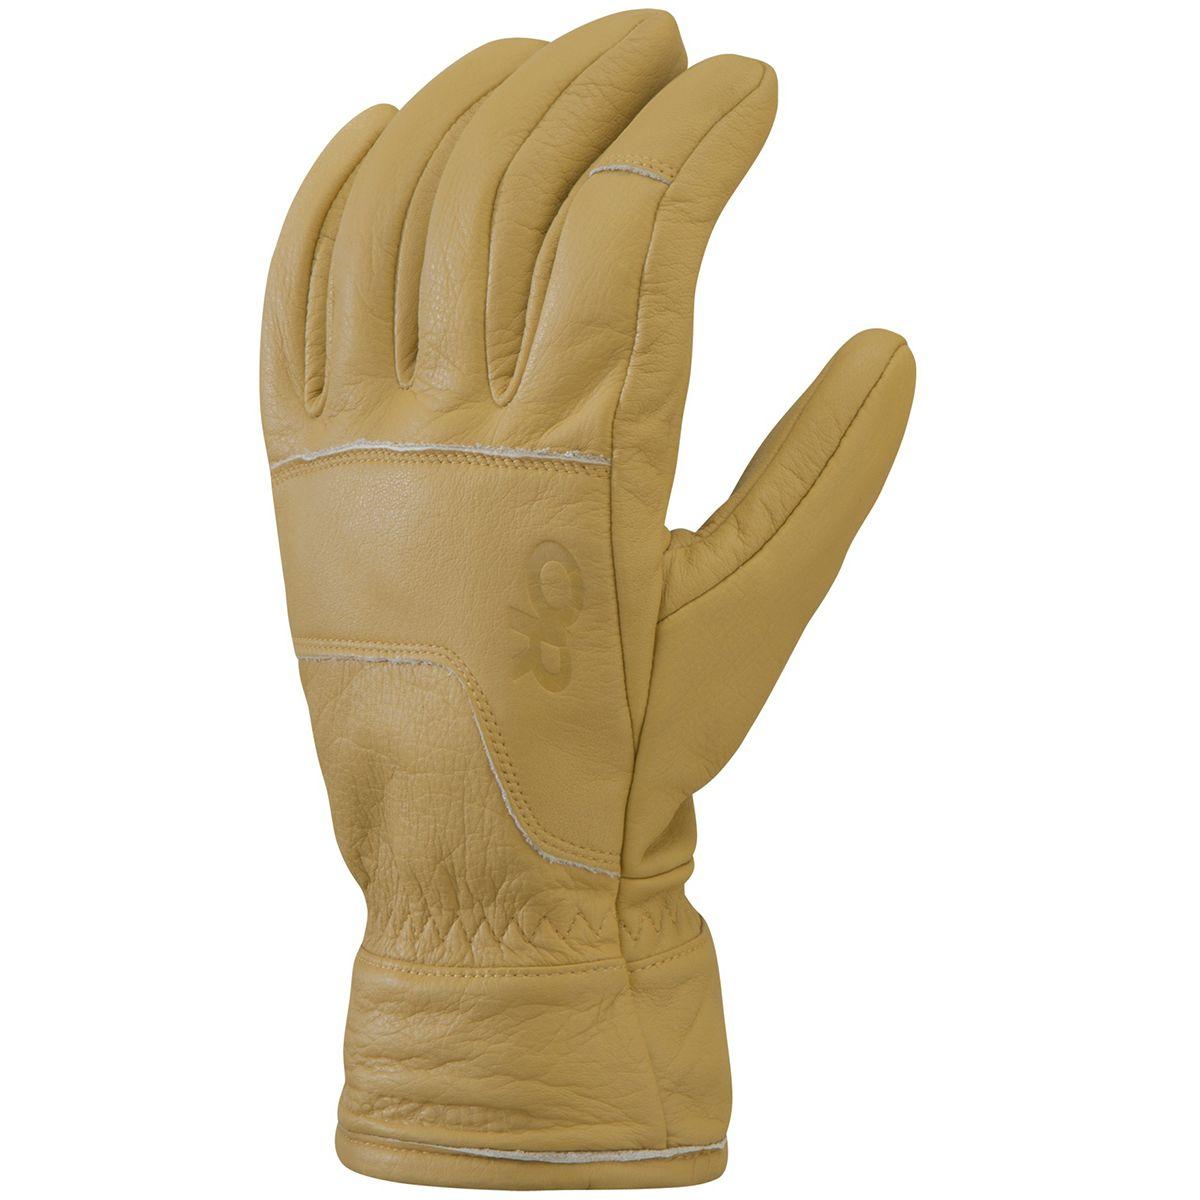 photo: Outdoor Research Aksel Work Gloves glove/mitten